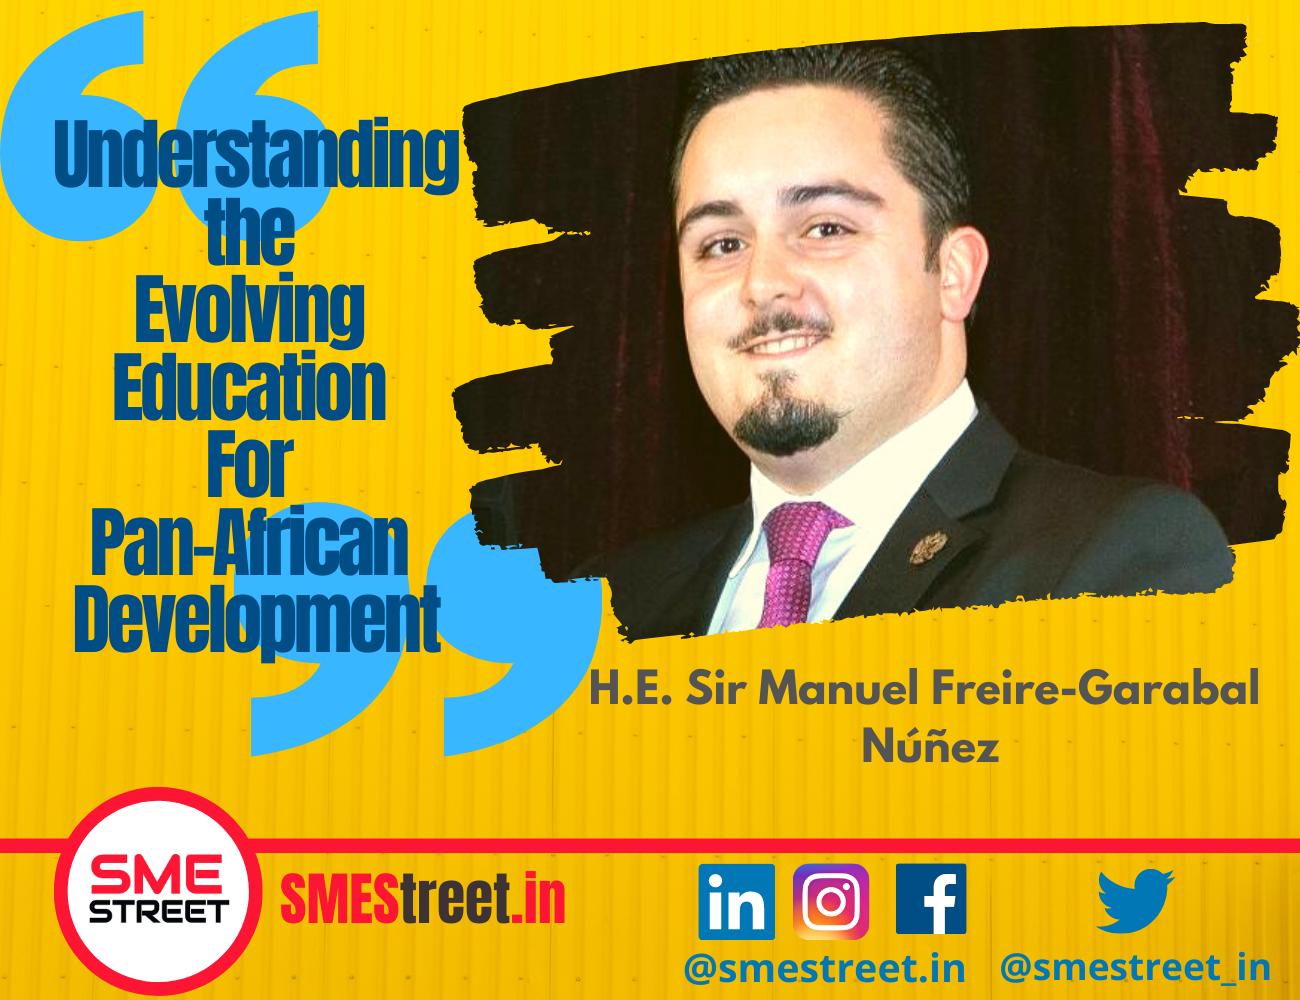 H.E. Sir Manuel Freire-Garabal Núñez, SMEStreet.in